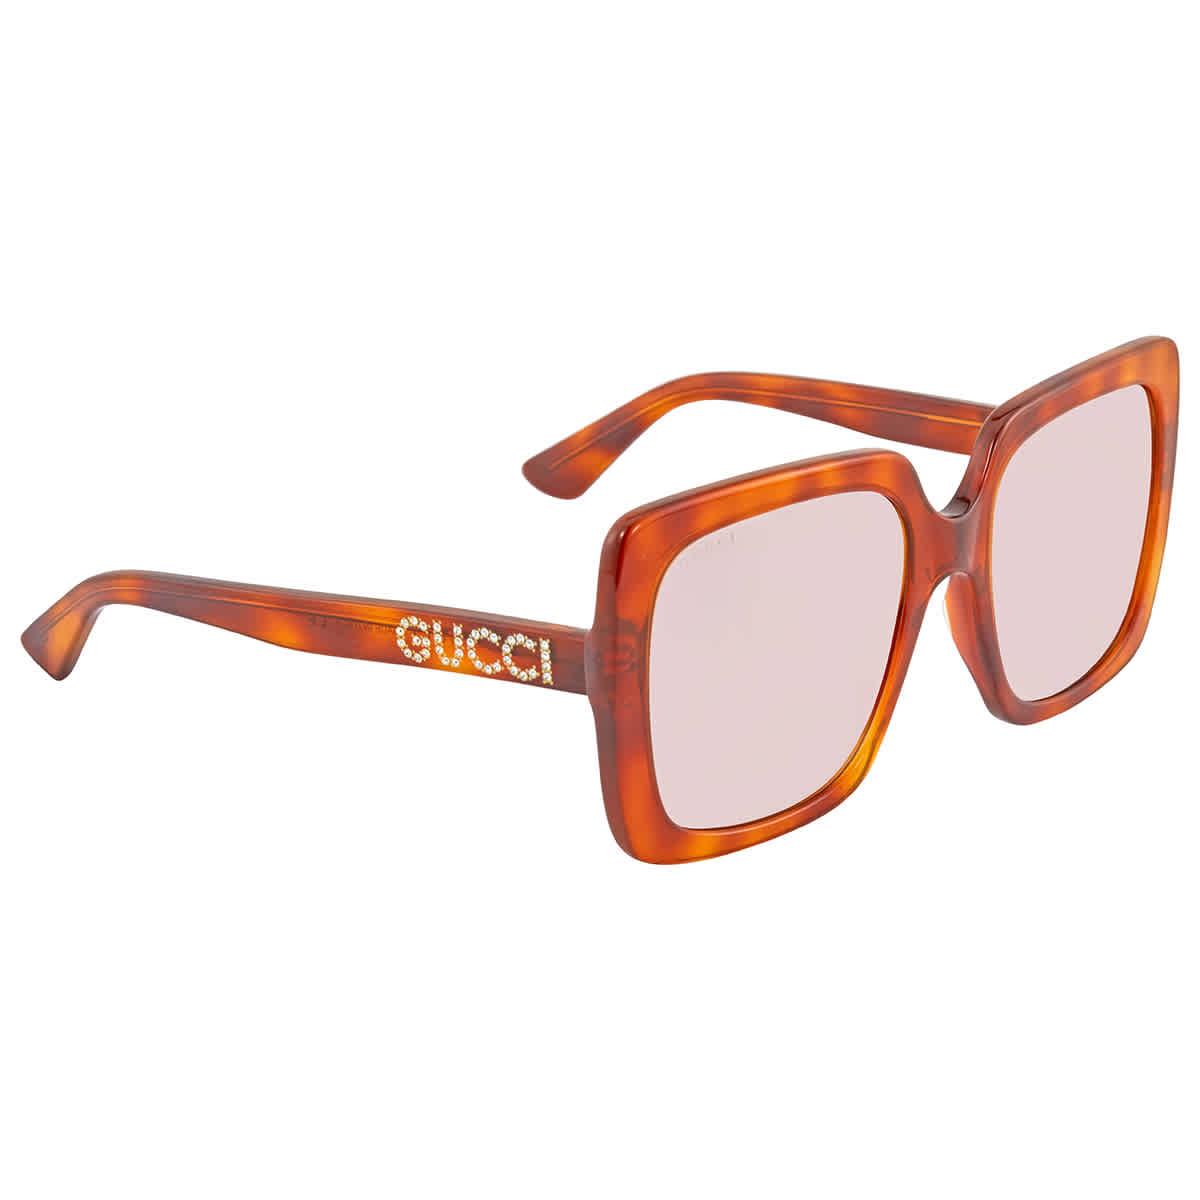 Gucci Light Brown Square Sunglasses Gg0418s 005 54